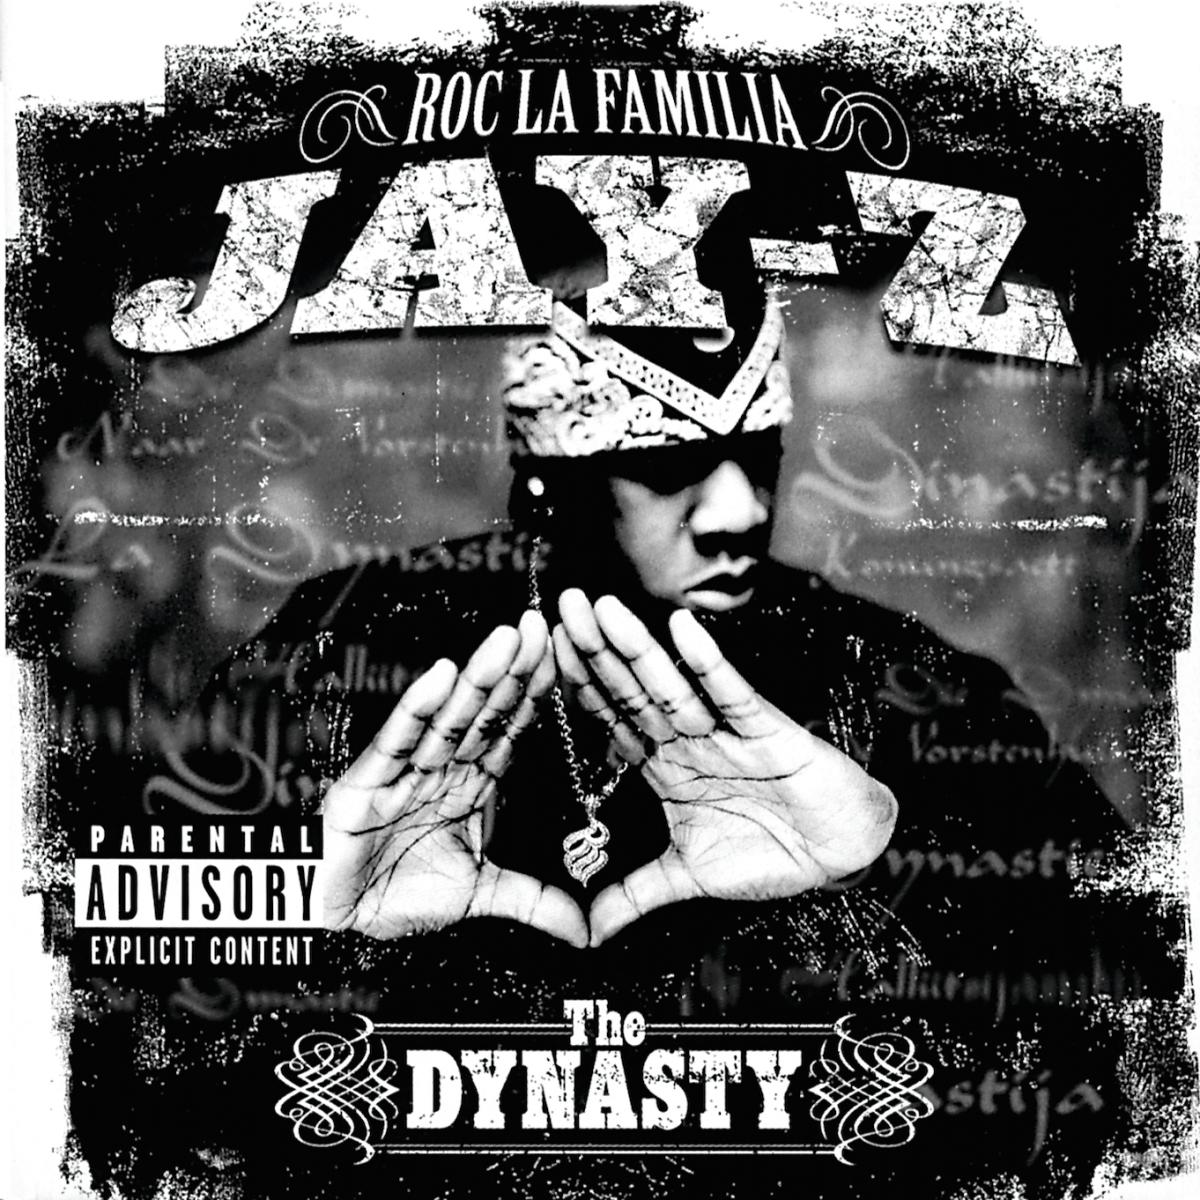 Album review jay z the dynasty roc la familia focus hip hop malvernweather Choice Image